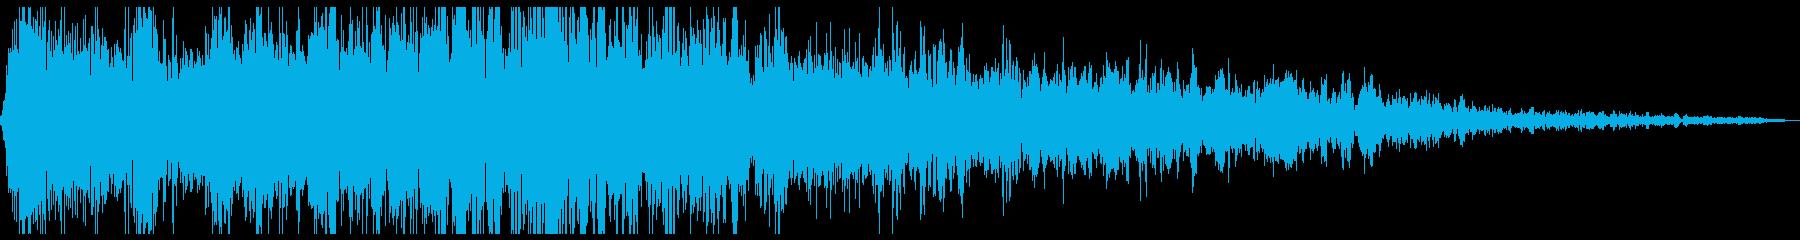 恐ろしい影響の再生済みの波形